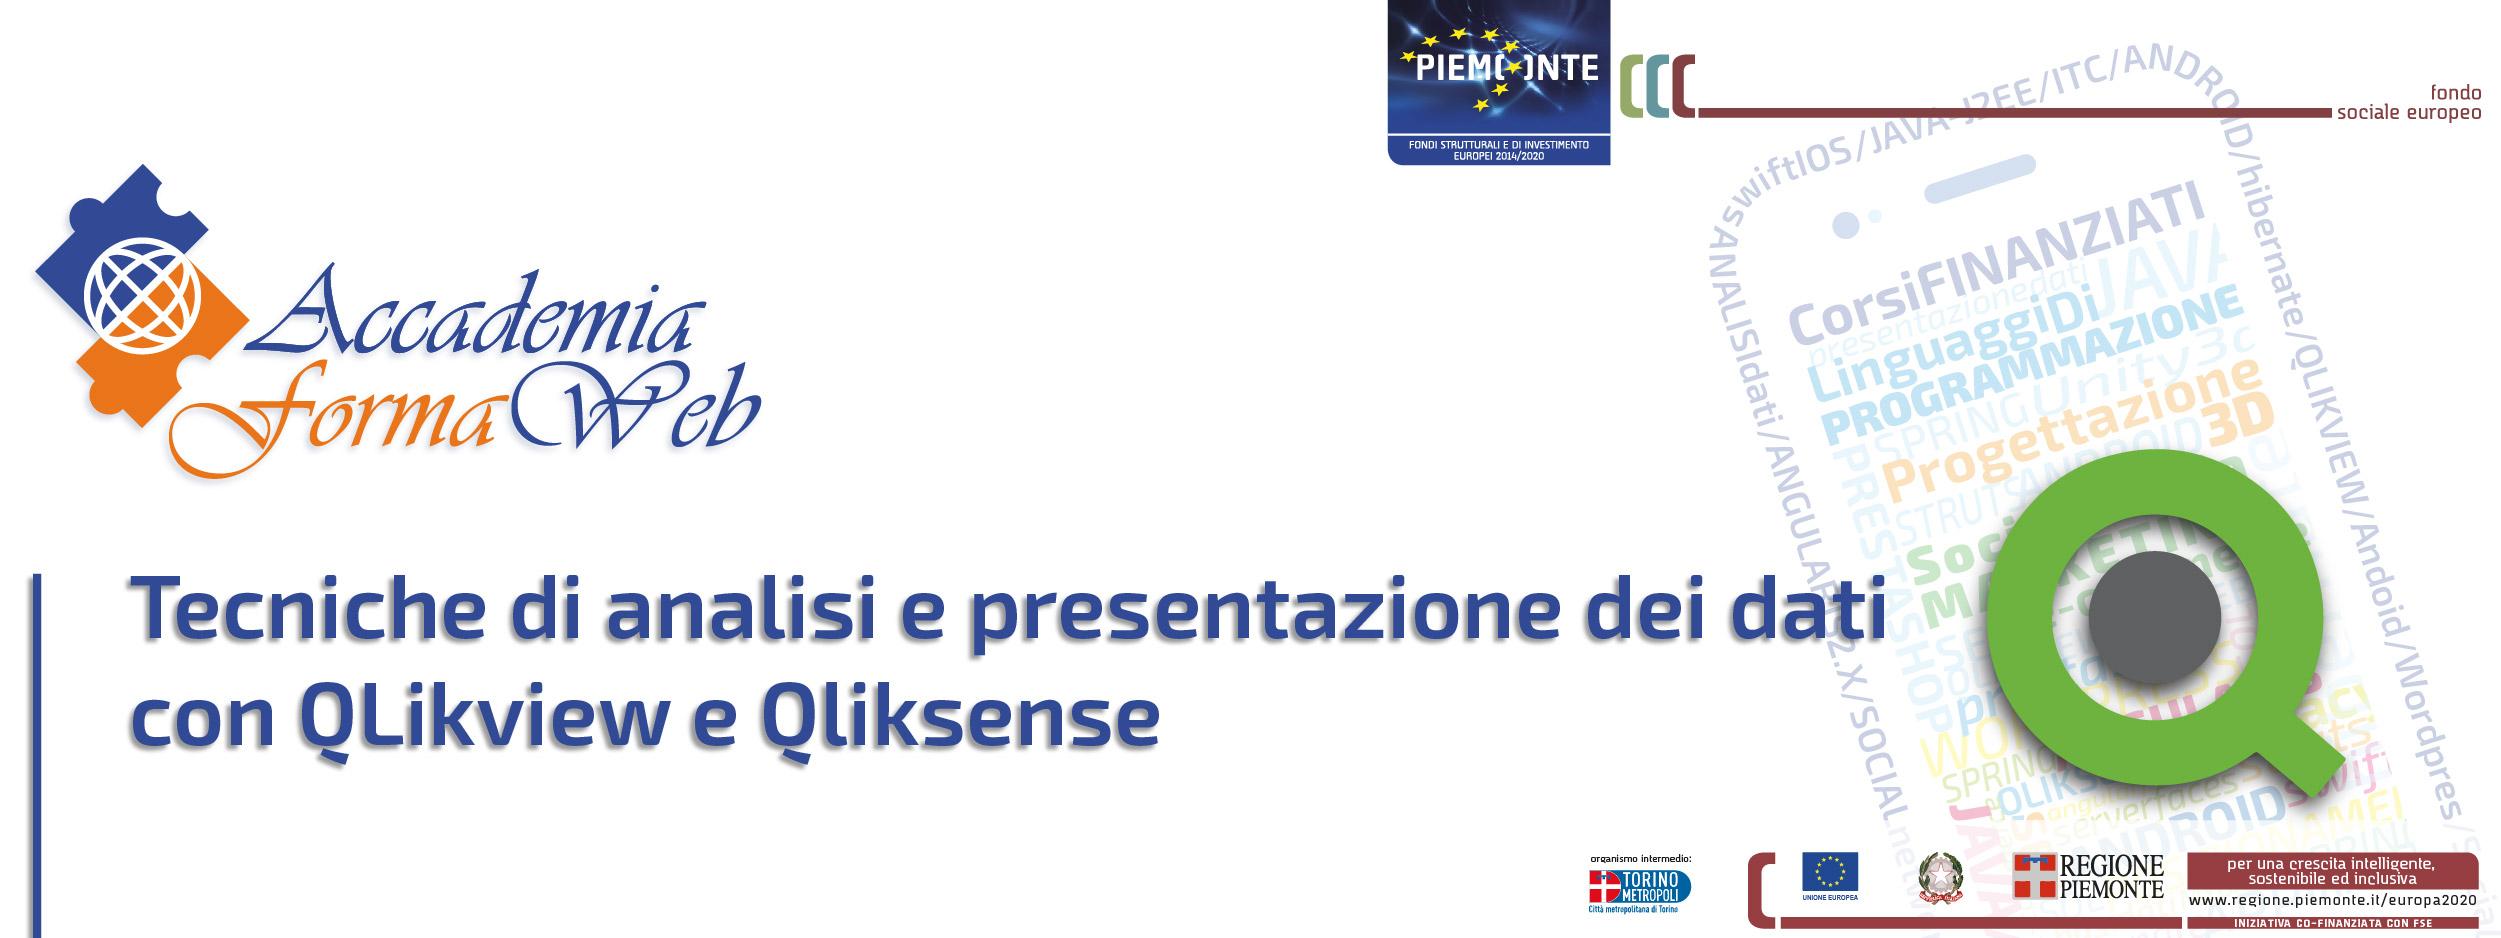 corso_finanziato_qlikview-qliksense